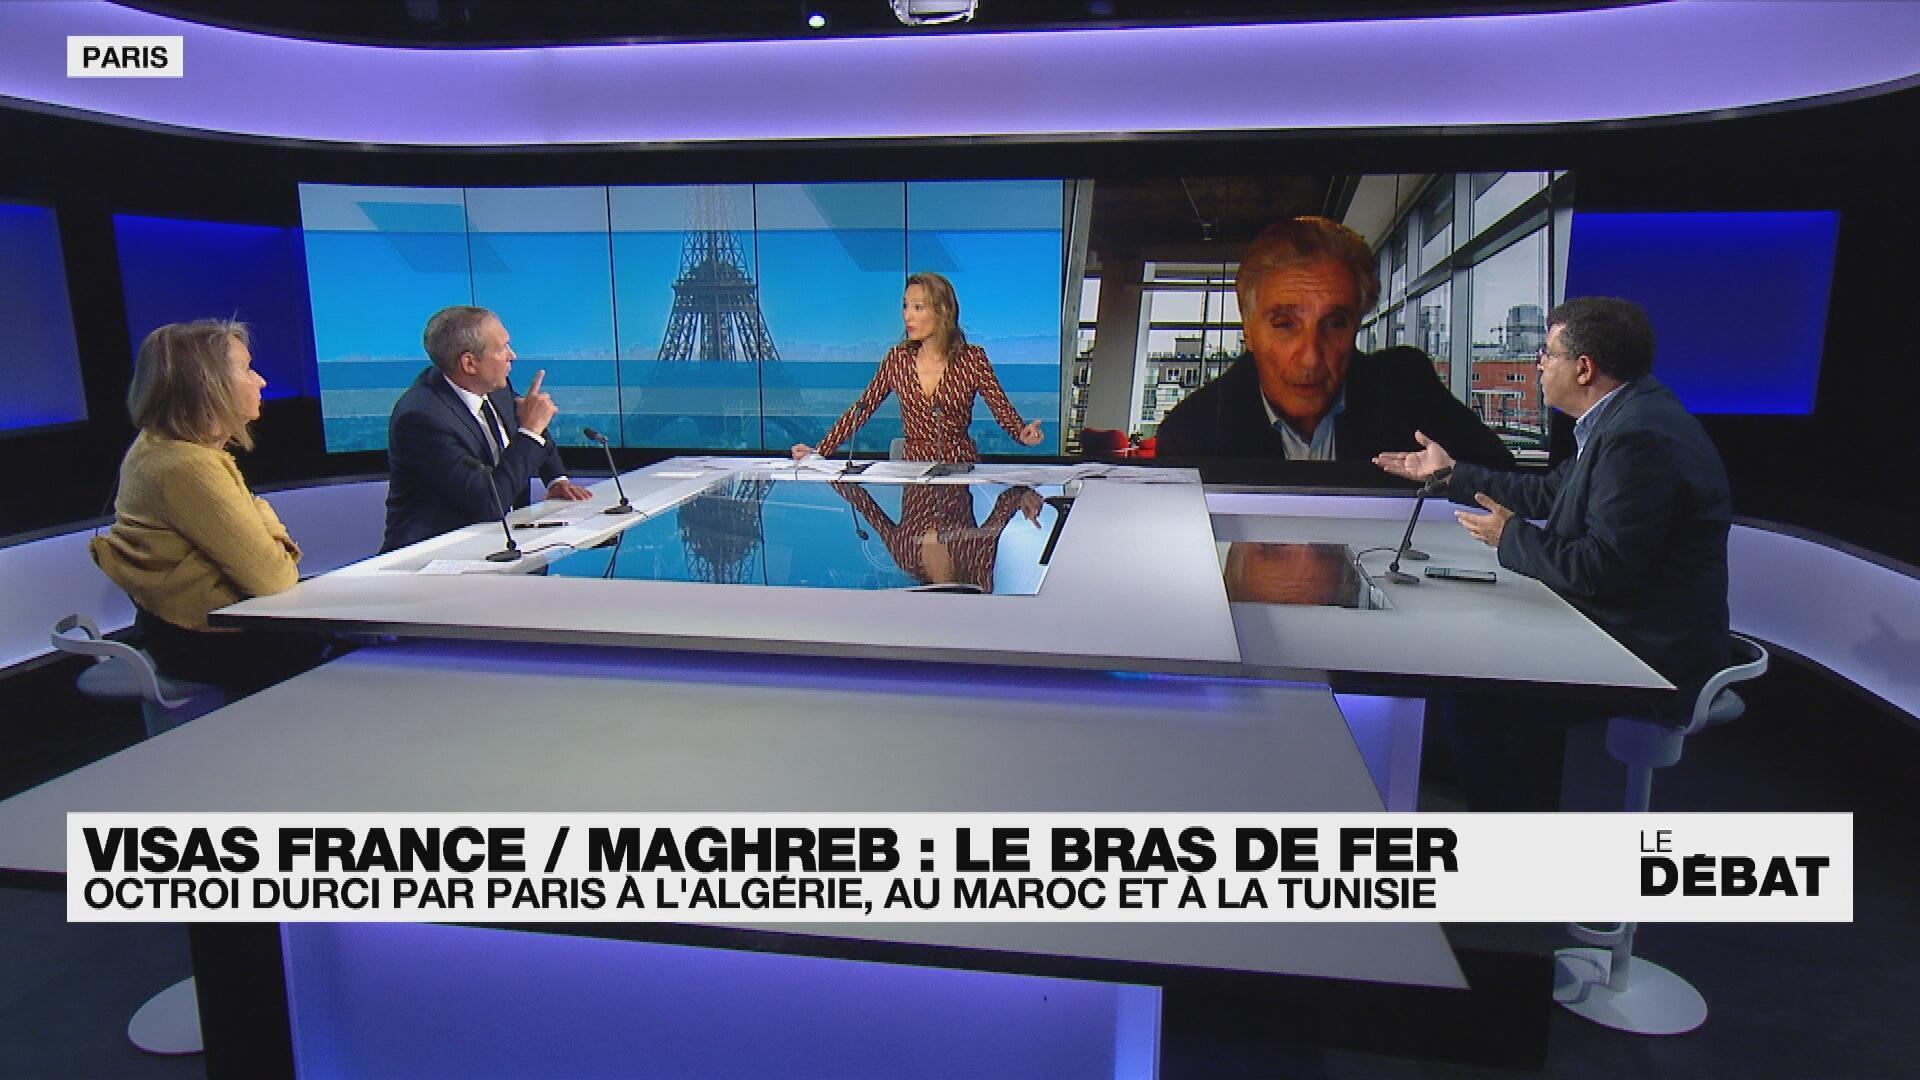 Le Débat de France 24 - mercredi 29 septembre 2021